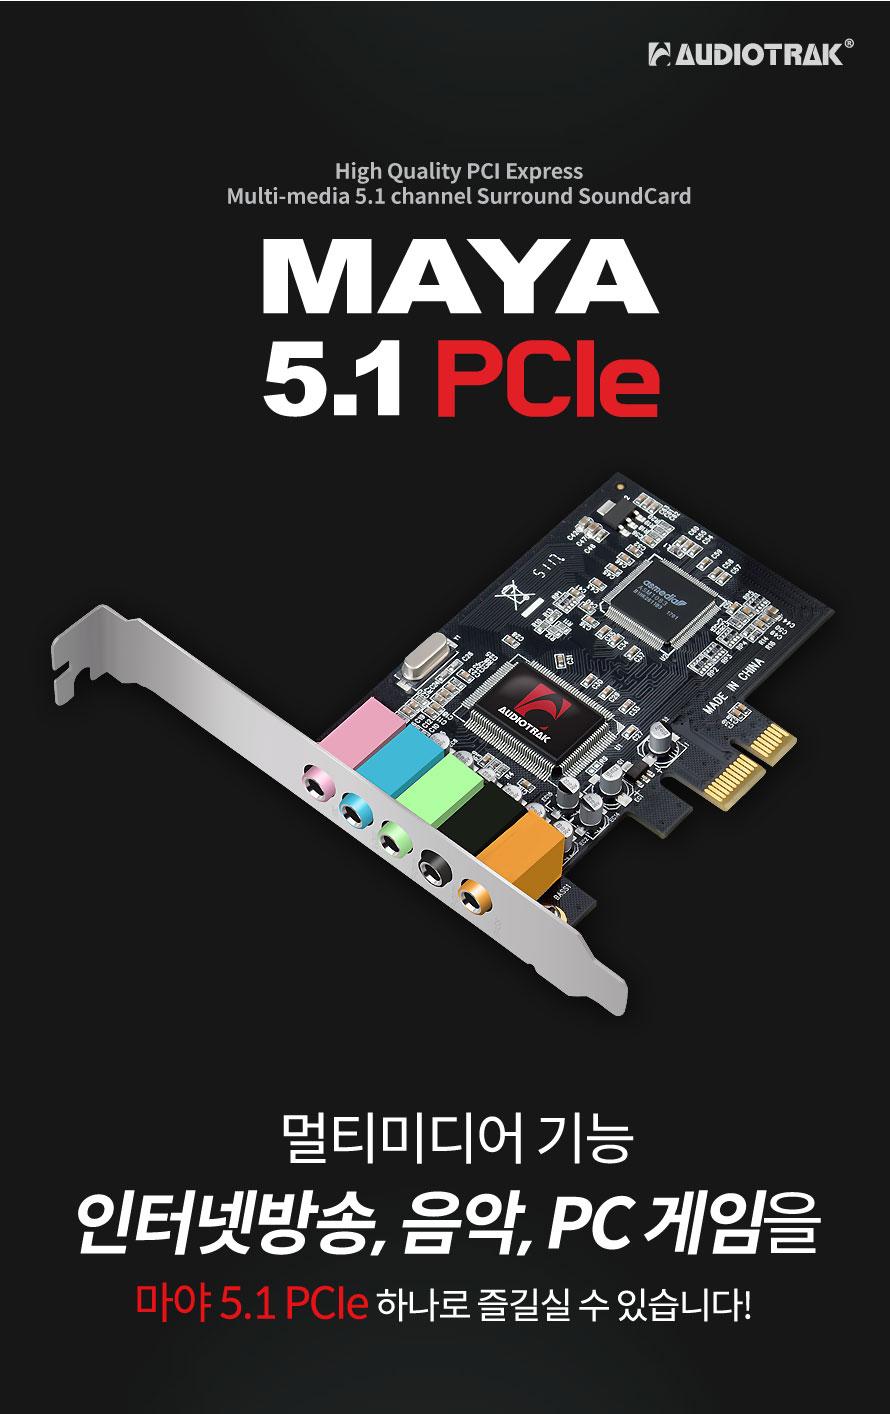 오디오트랙 마야 5.1 PCIe